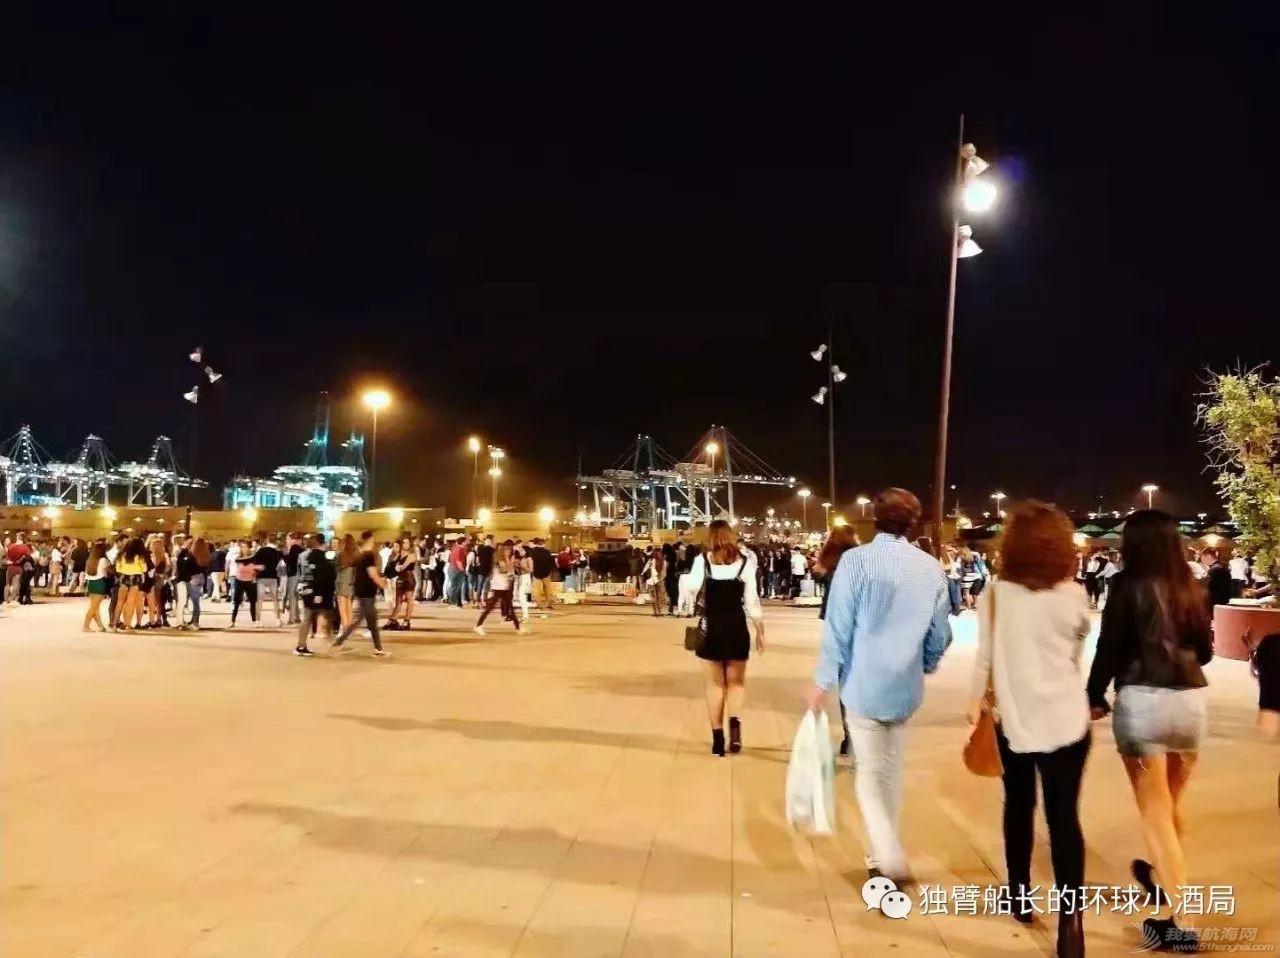 没有女厕所的直布罗陀,午夜我们闯入了几百个少男少女的秘密集会w20.jpg